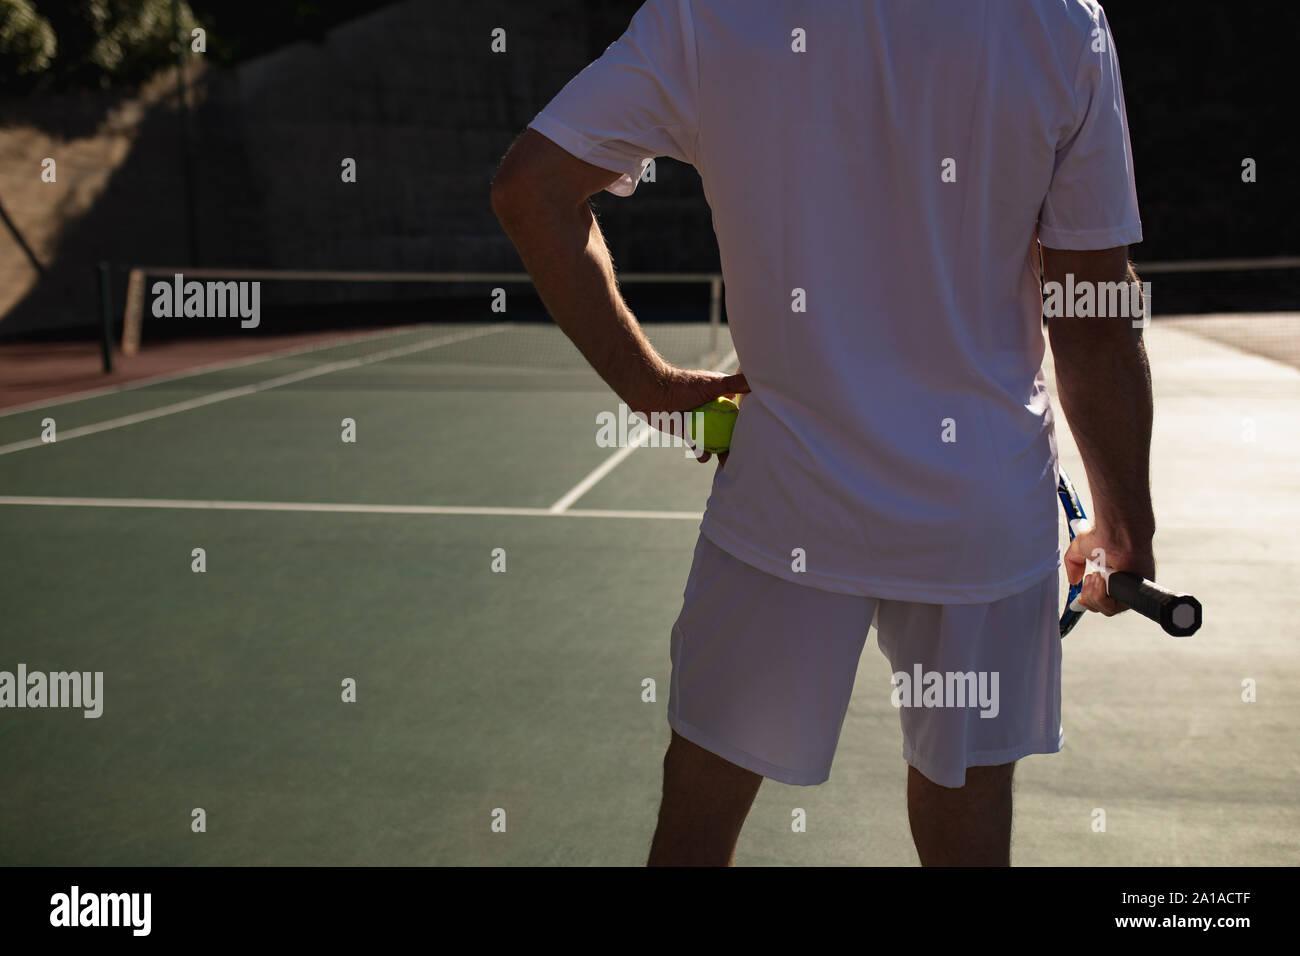 Hombre jugando al tenis en un día soleado Foto de stock